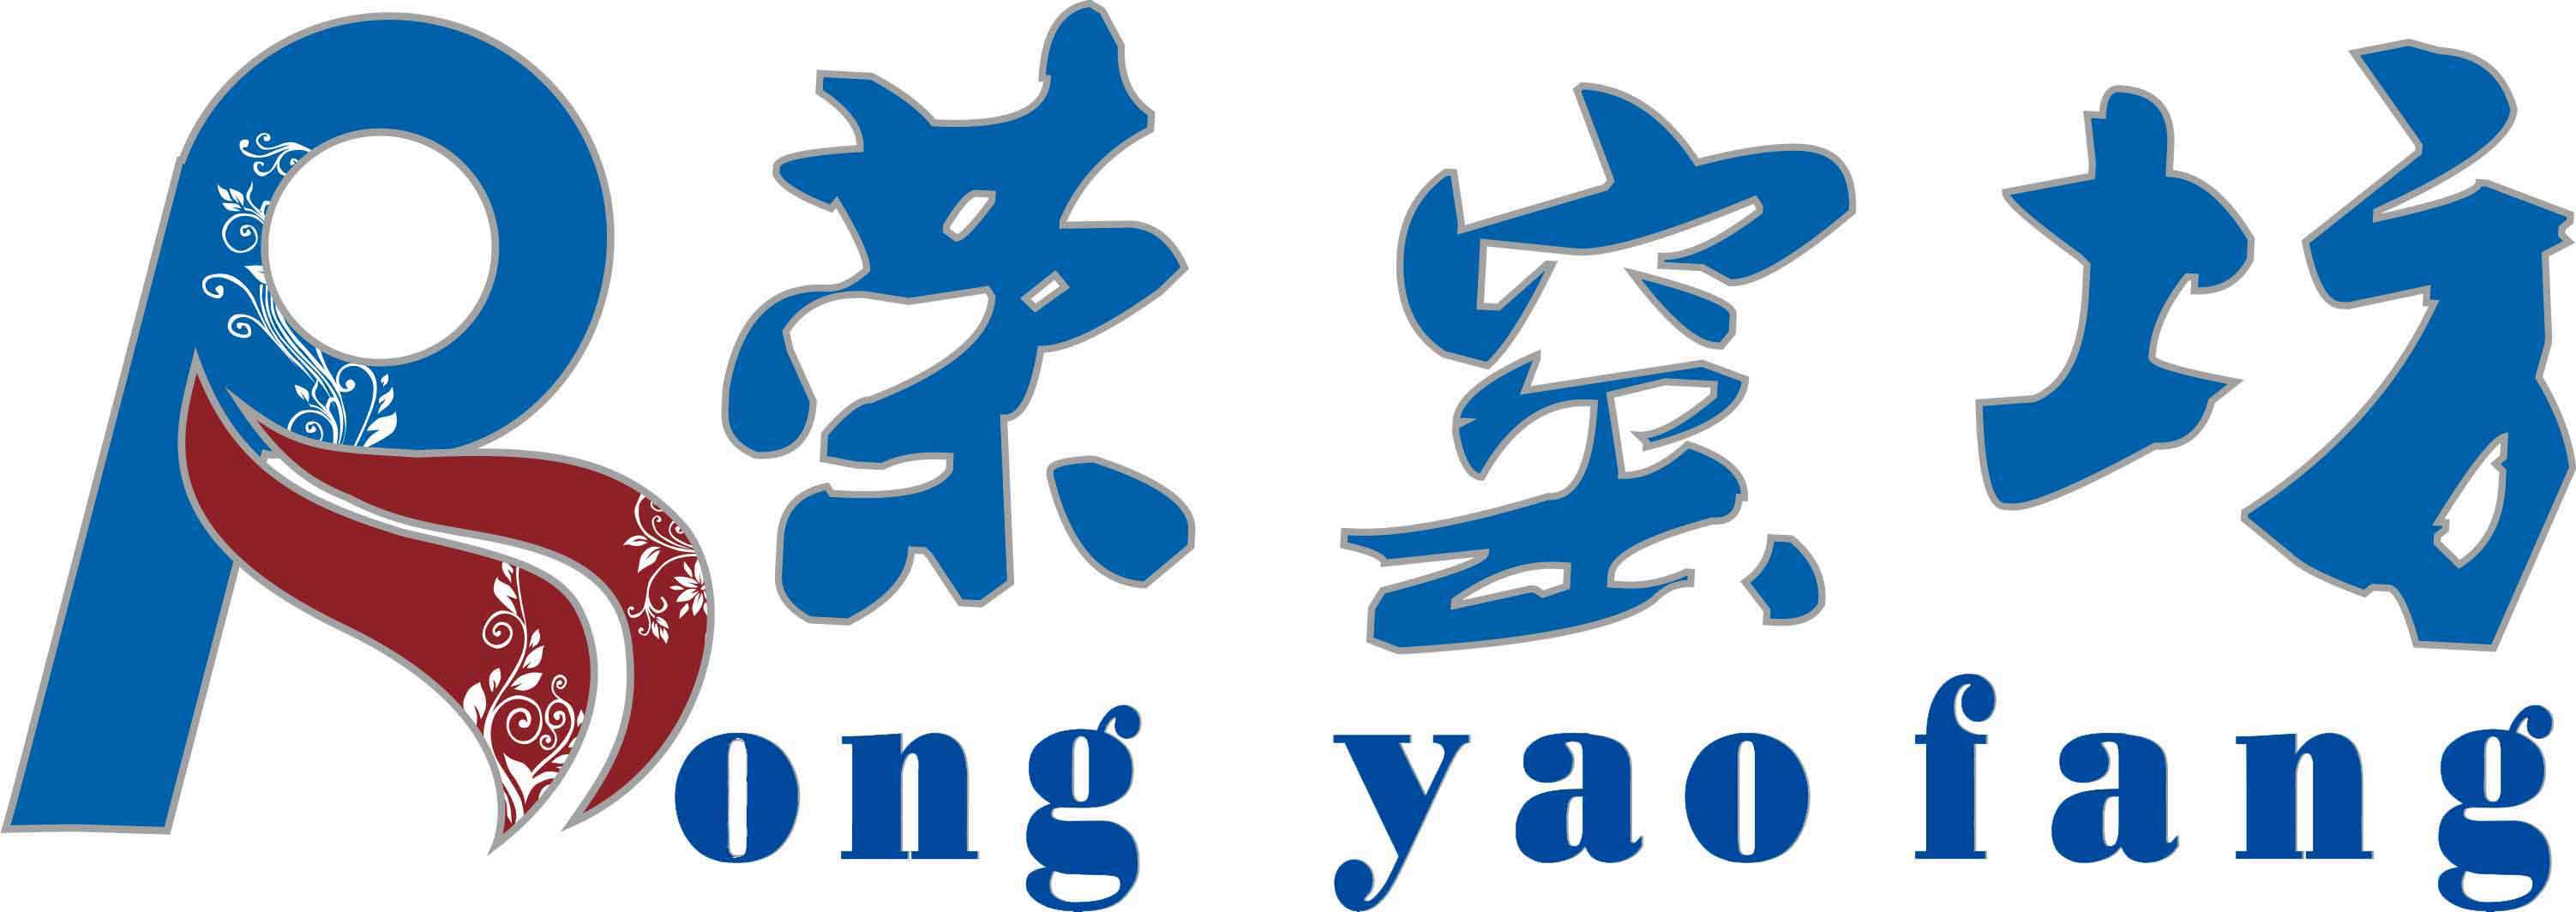 荣窑坊(Rong yao fang)